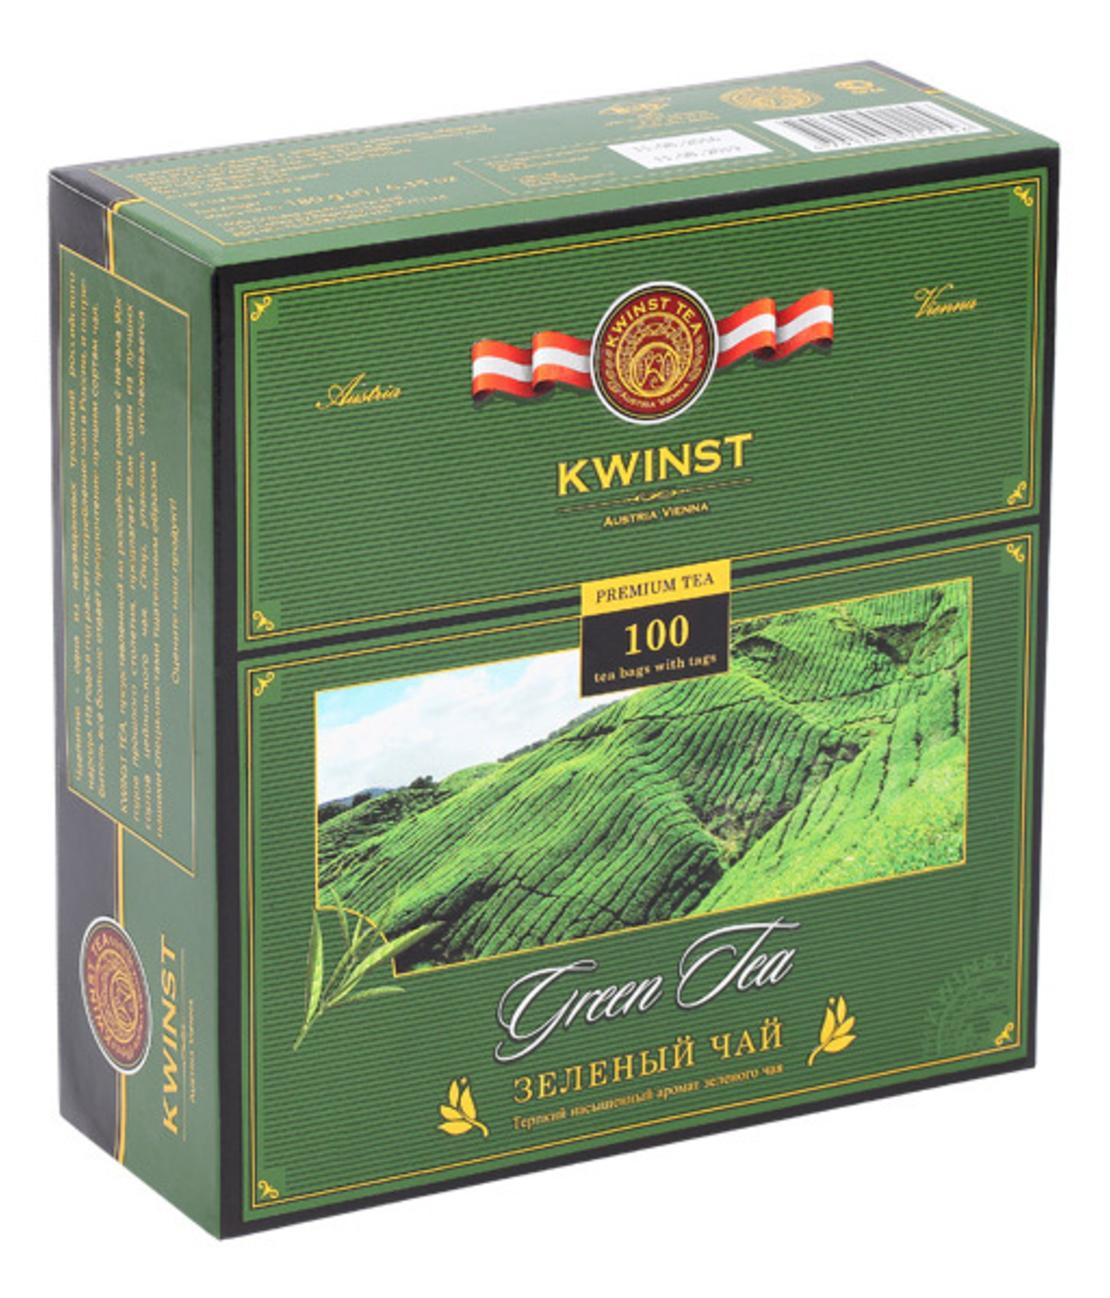 Чай KWINST, зеленый чай, 100 пакетиков